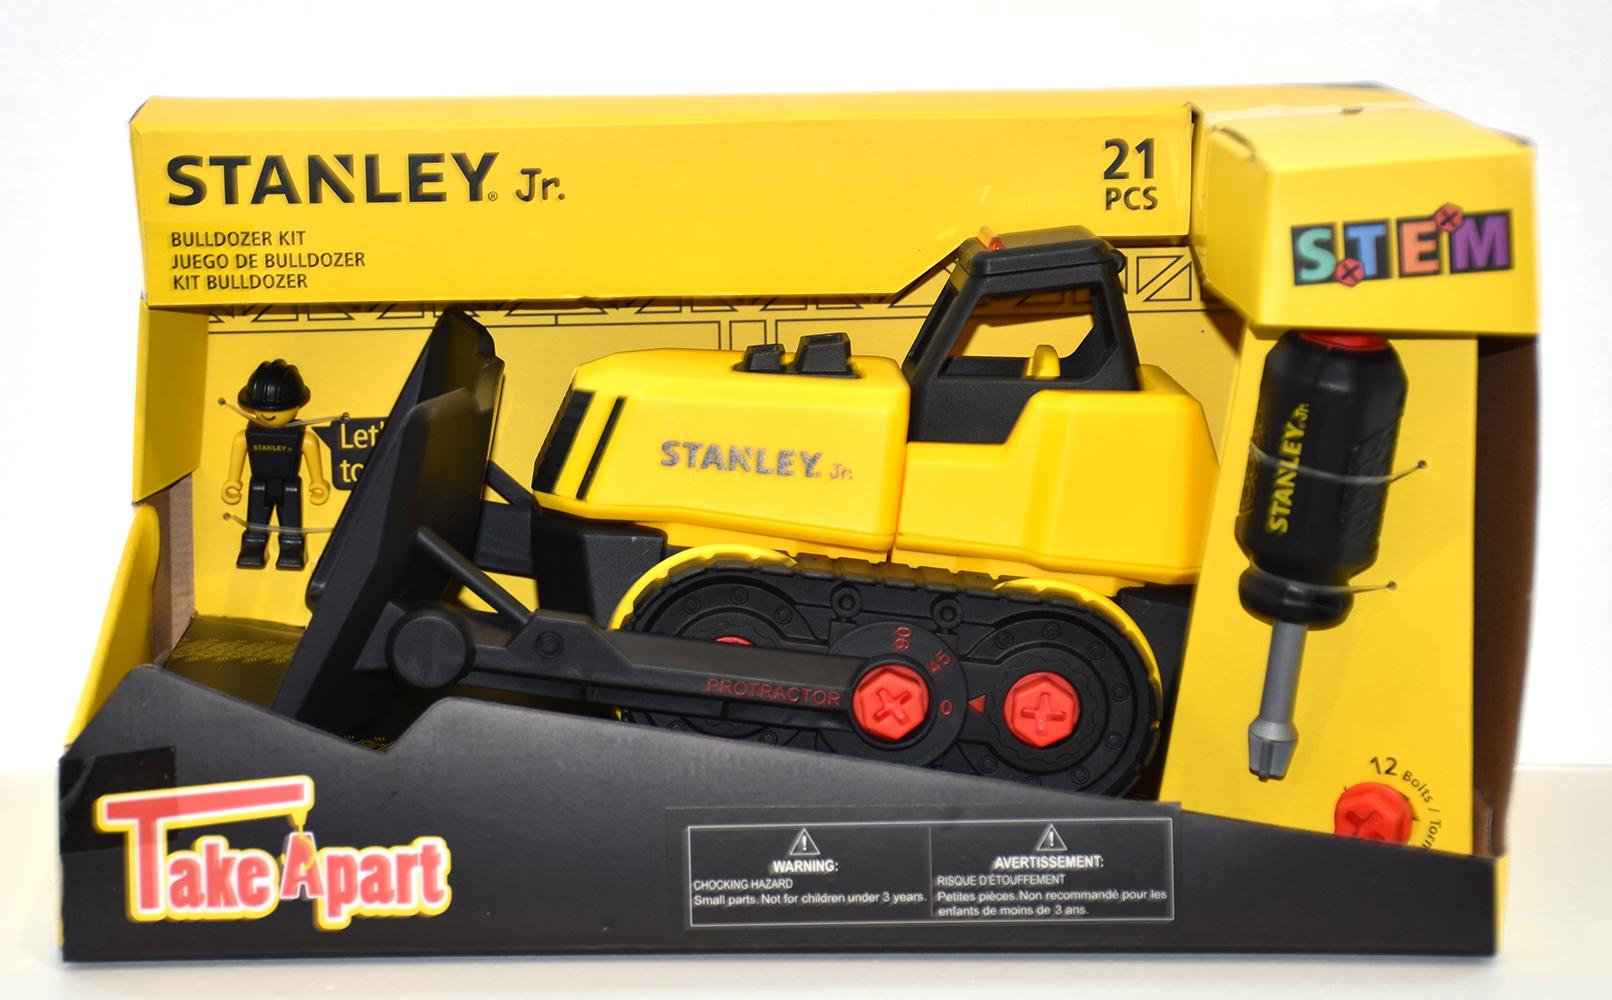 Stanley Jr. - Take a Part: Bulldozer